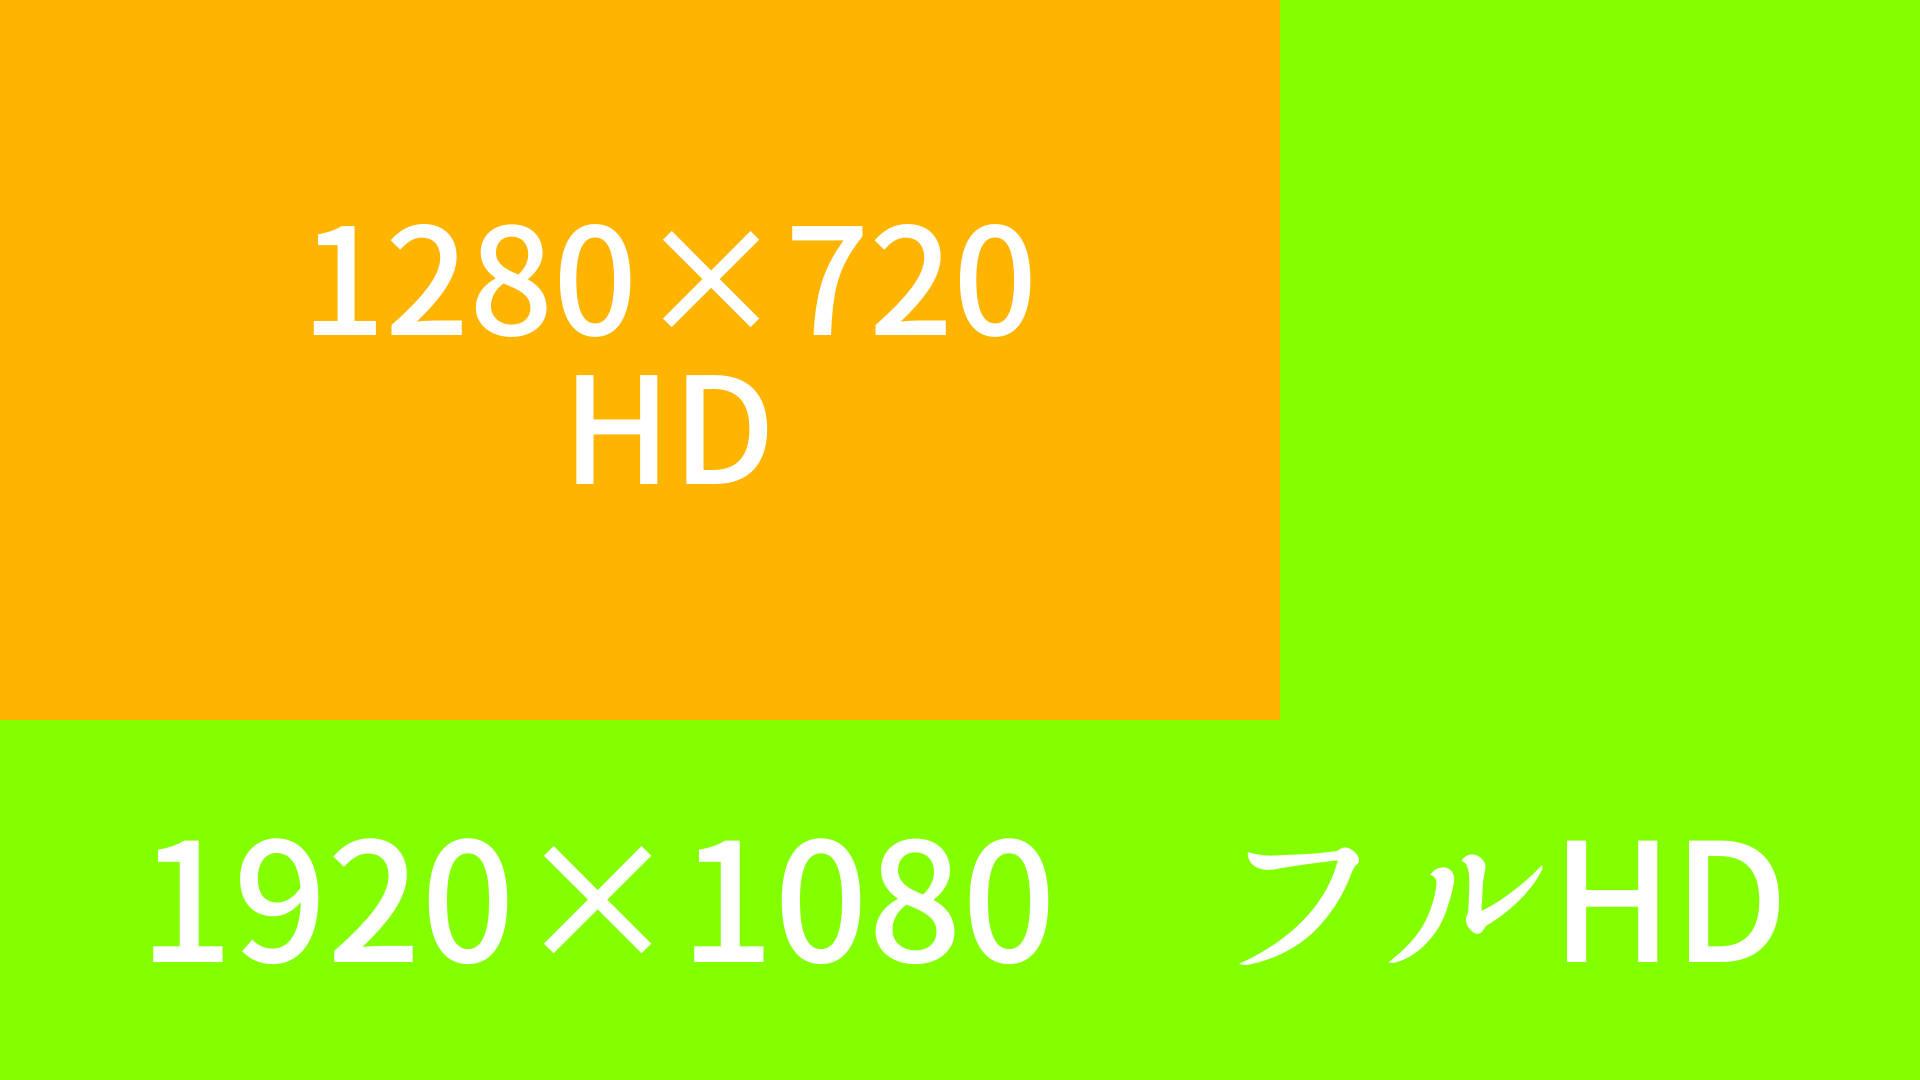 HDとfullHDの大きさ比較図